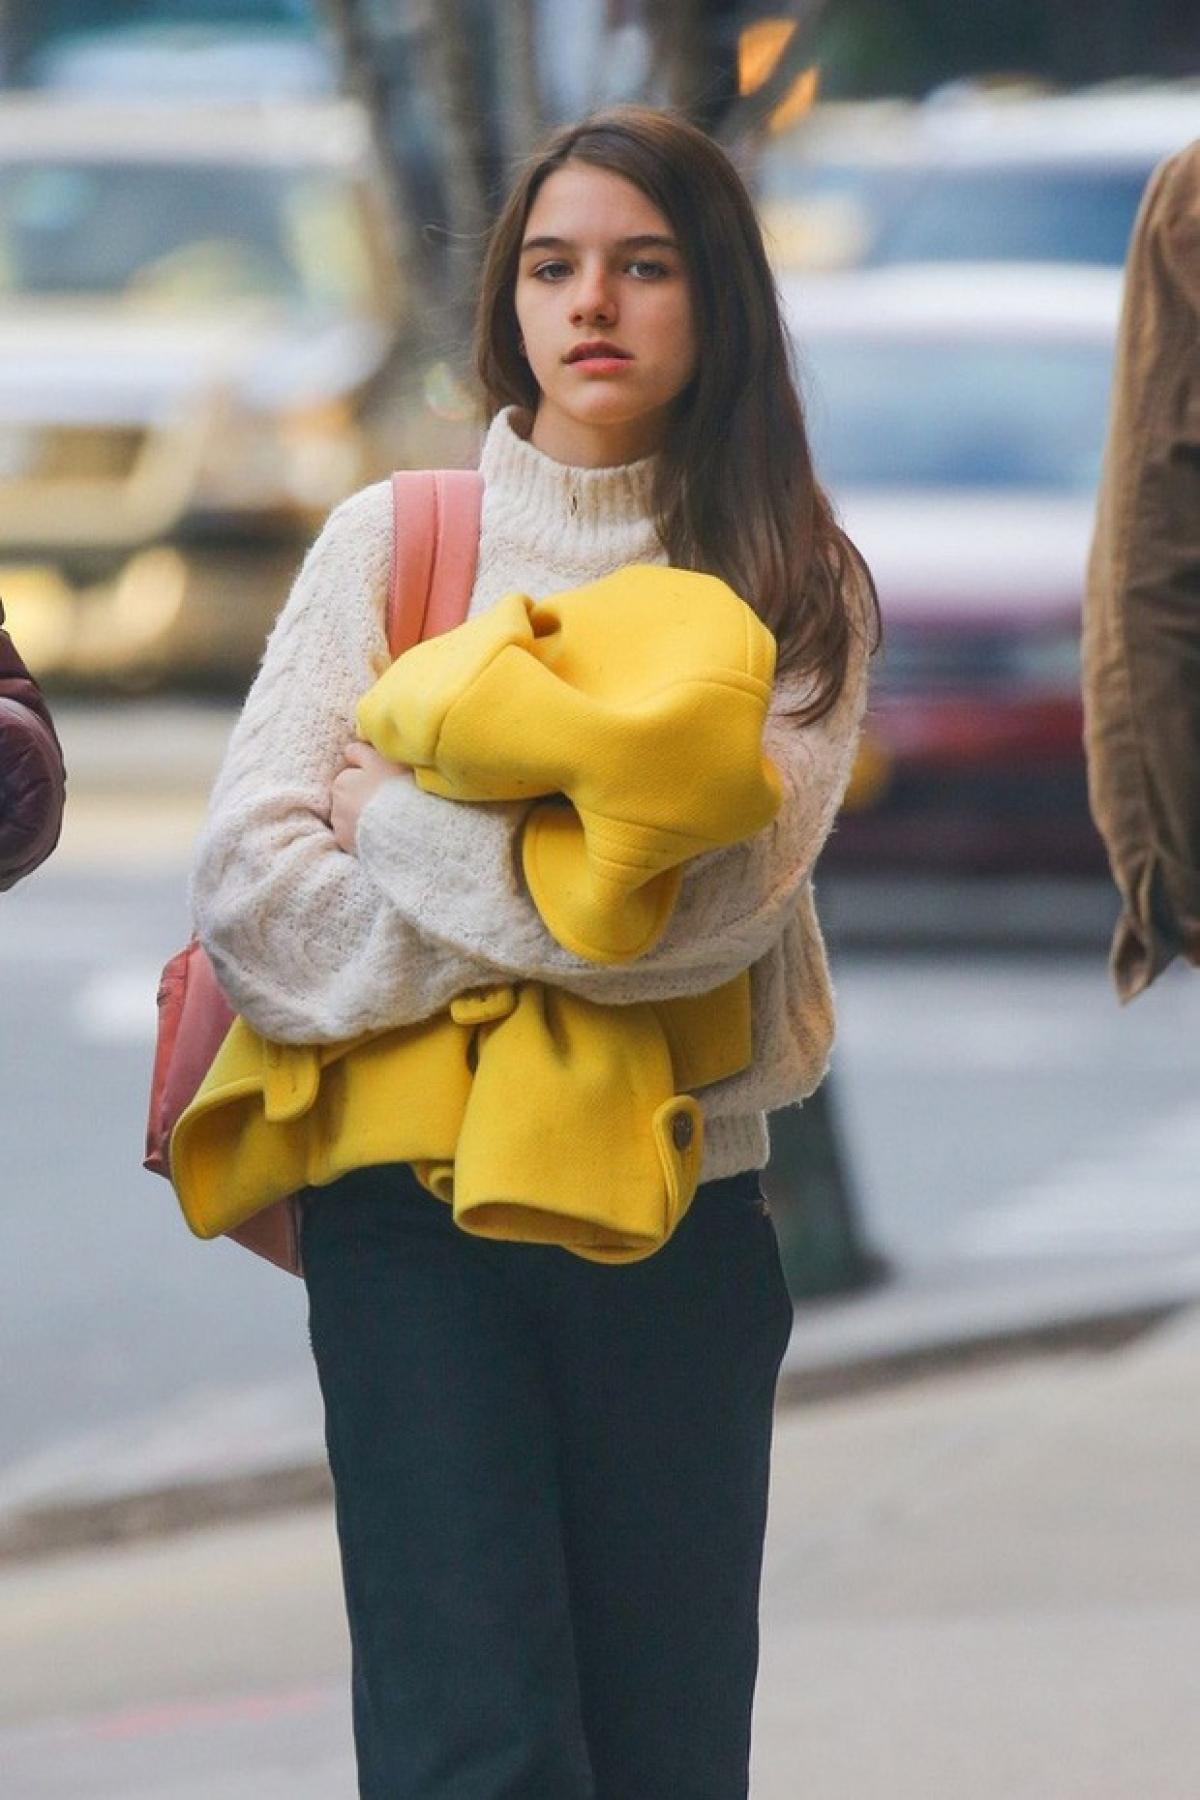 Nữ diễn viên Katie Holmes từng tiết lộ, bé Suri là một người vô cùng mạnh mẽ, cô bé hòa đồng và giàu tình yêu thương.